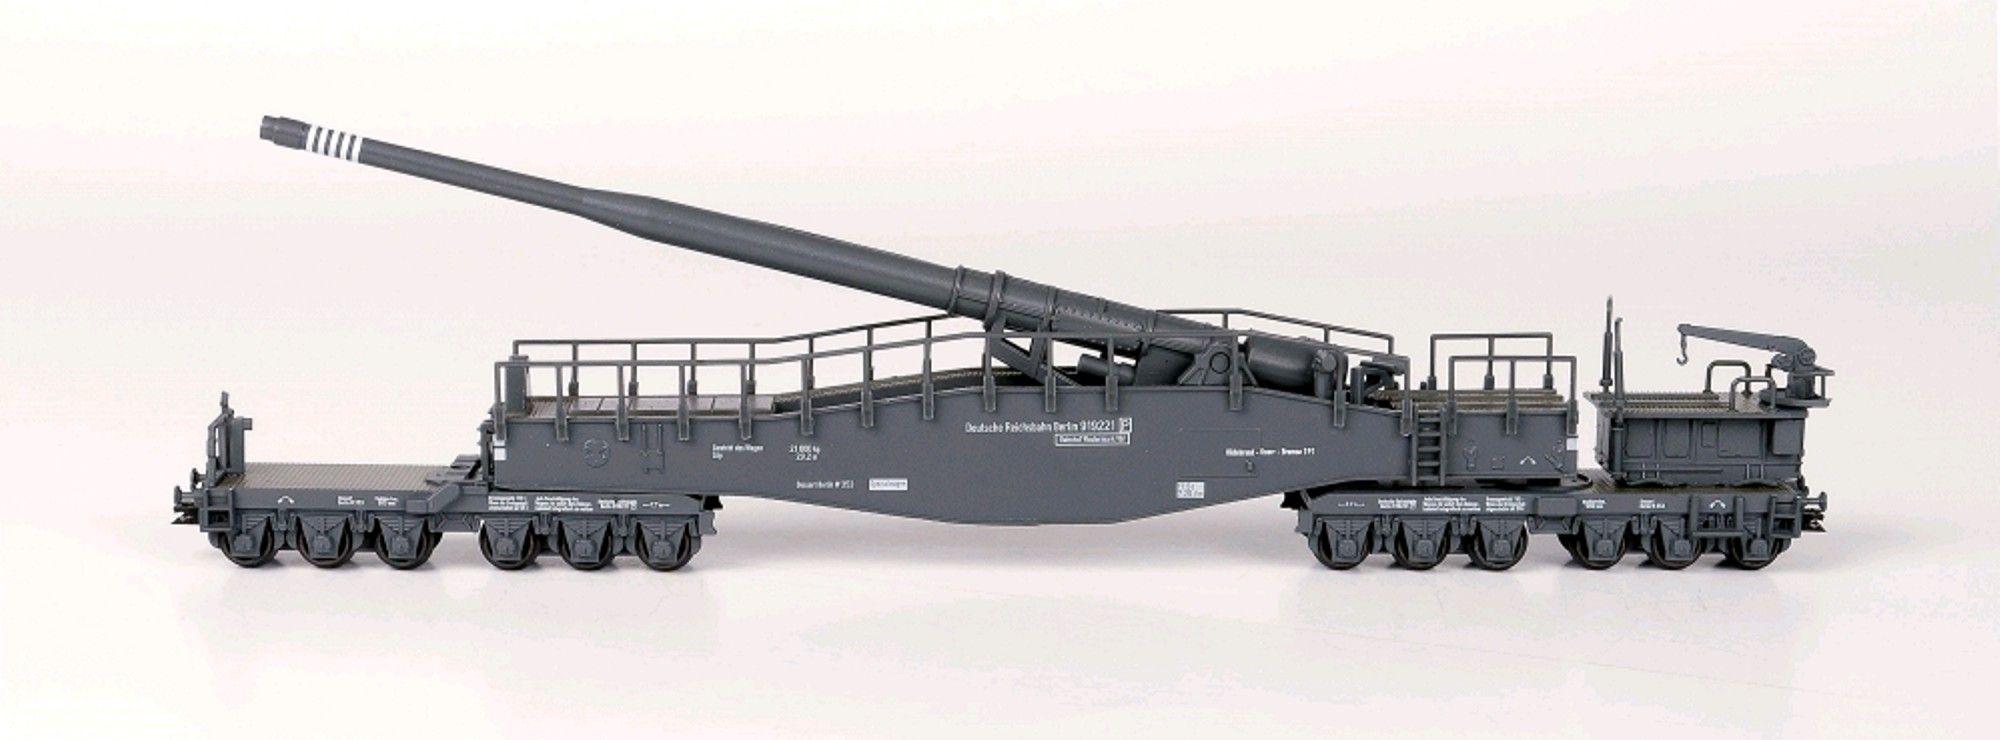 N Scale - Hobbytrain - H23601 - Railway Gun, Krupp K5 - Deutsche Reichsbahn - 919221